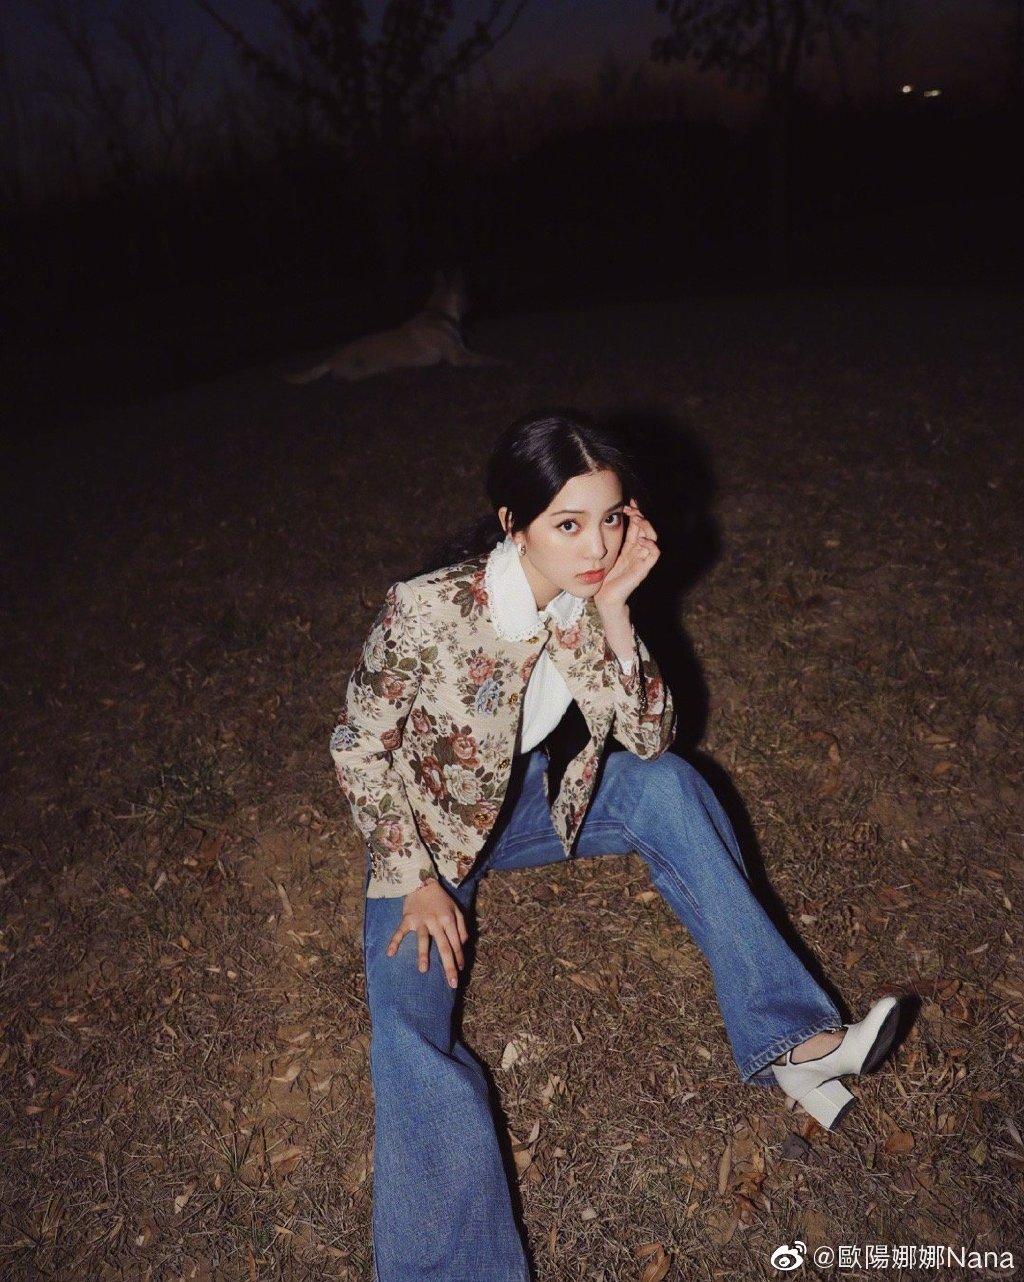 欧阳娜娜撞衫Lisa,Celine花卉夹克,撞衫得各有特色!